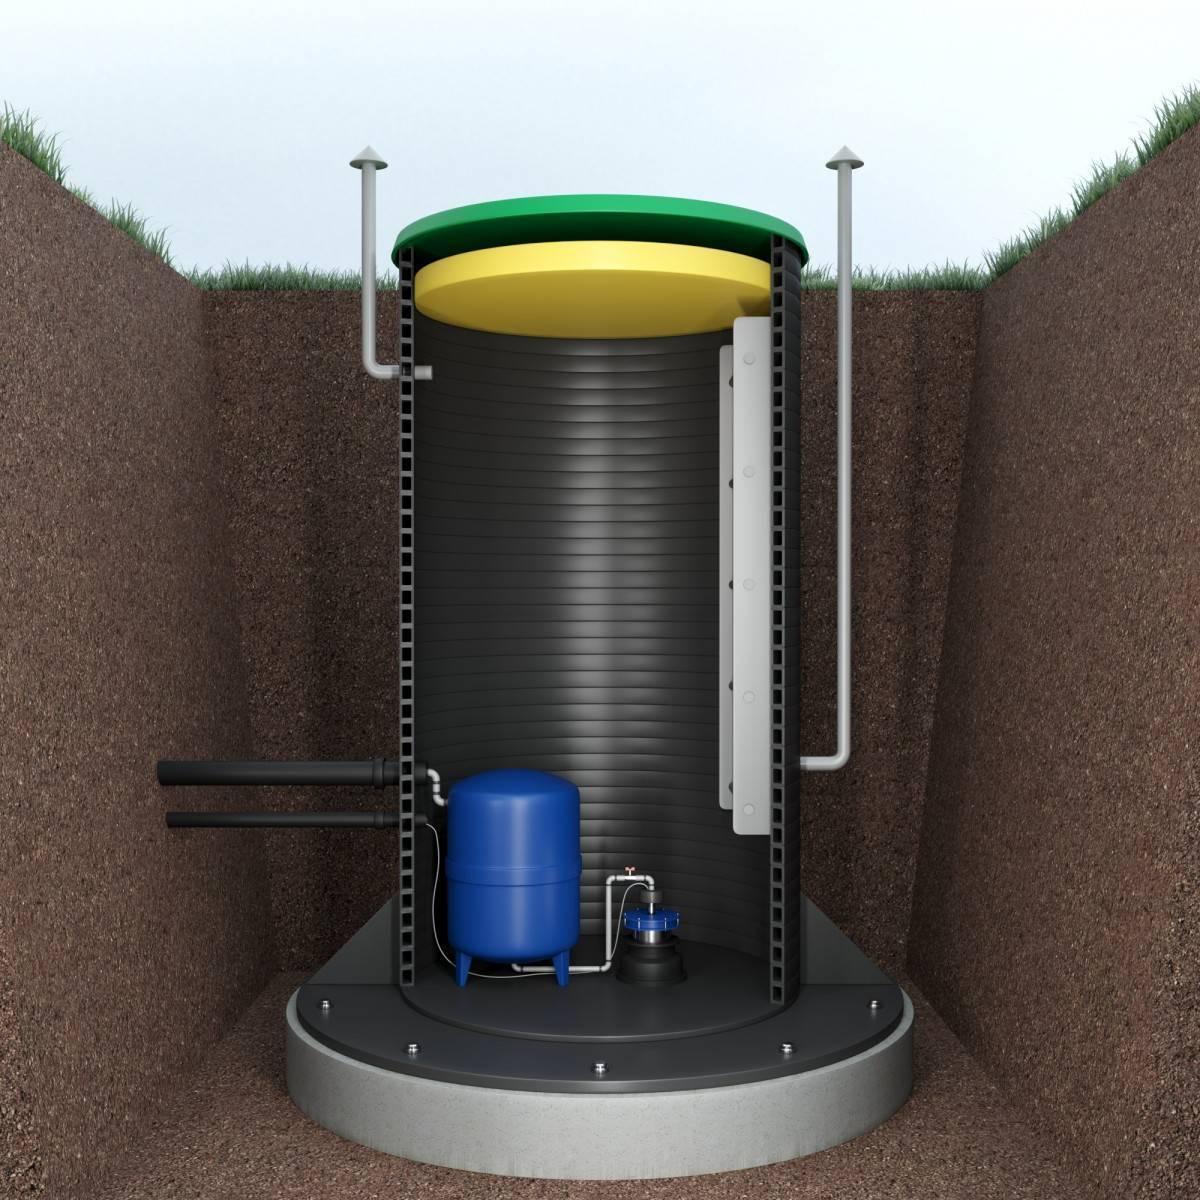 Кессон или адаптер для обустройства скважины на воду: что лучше кессон или адаптер для обустройства скважины на воду: что лучше